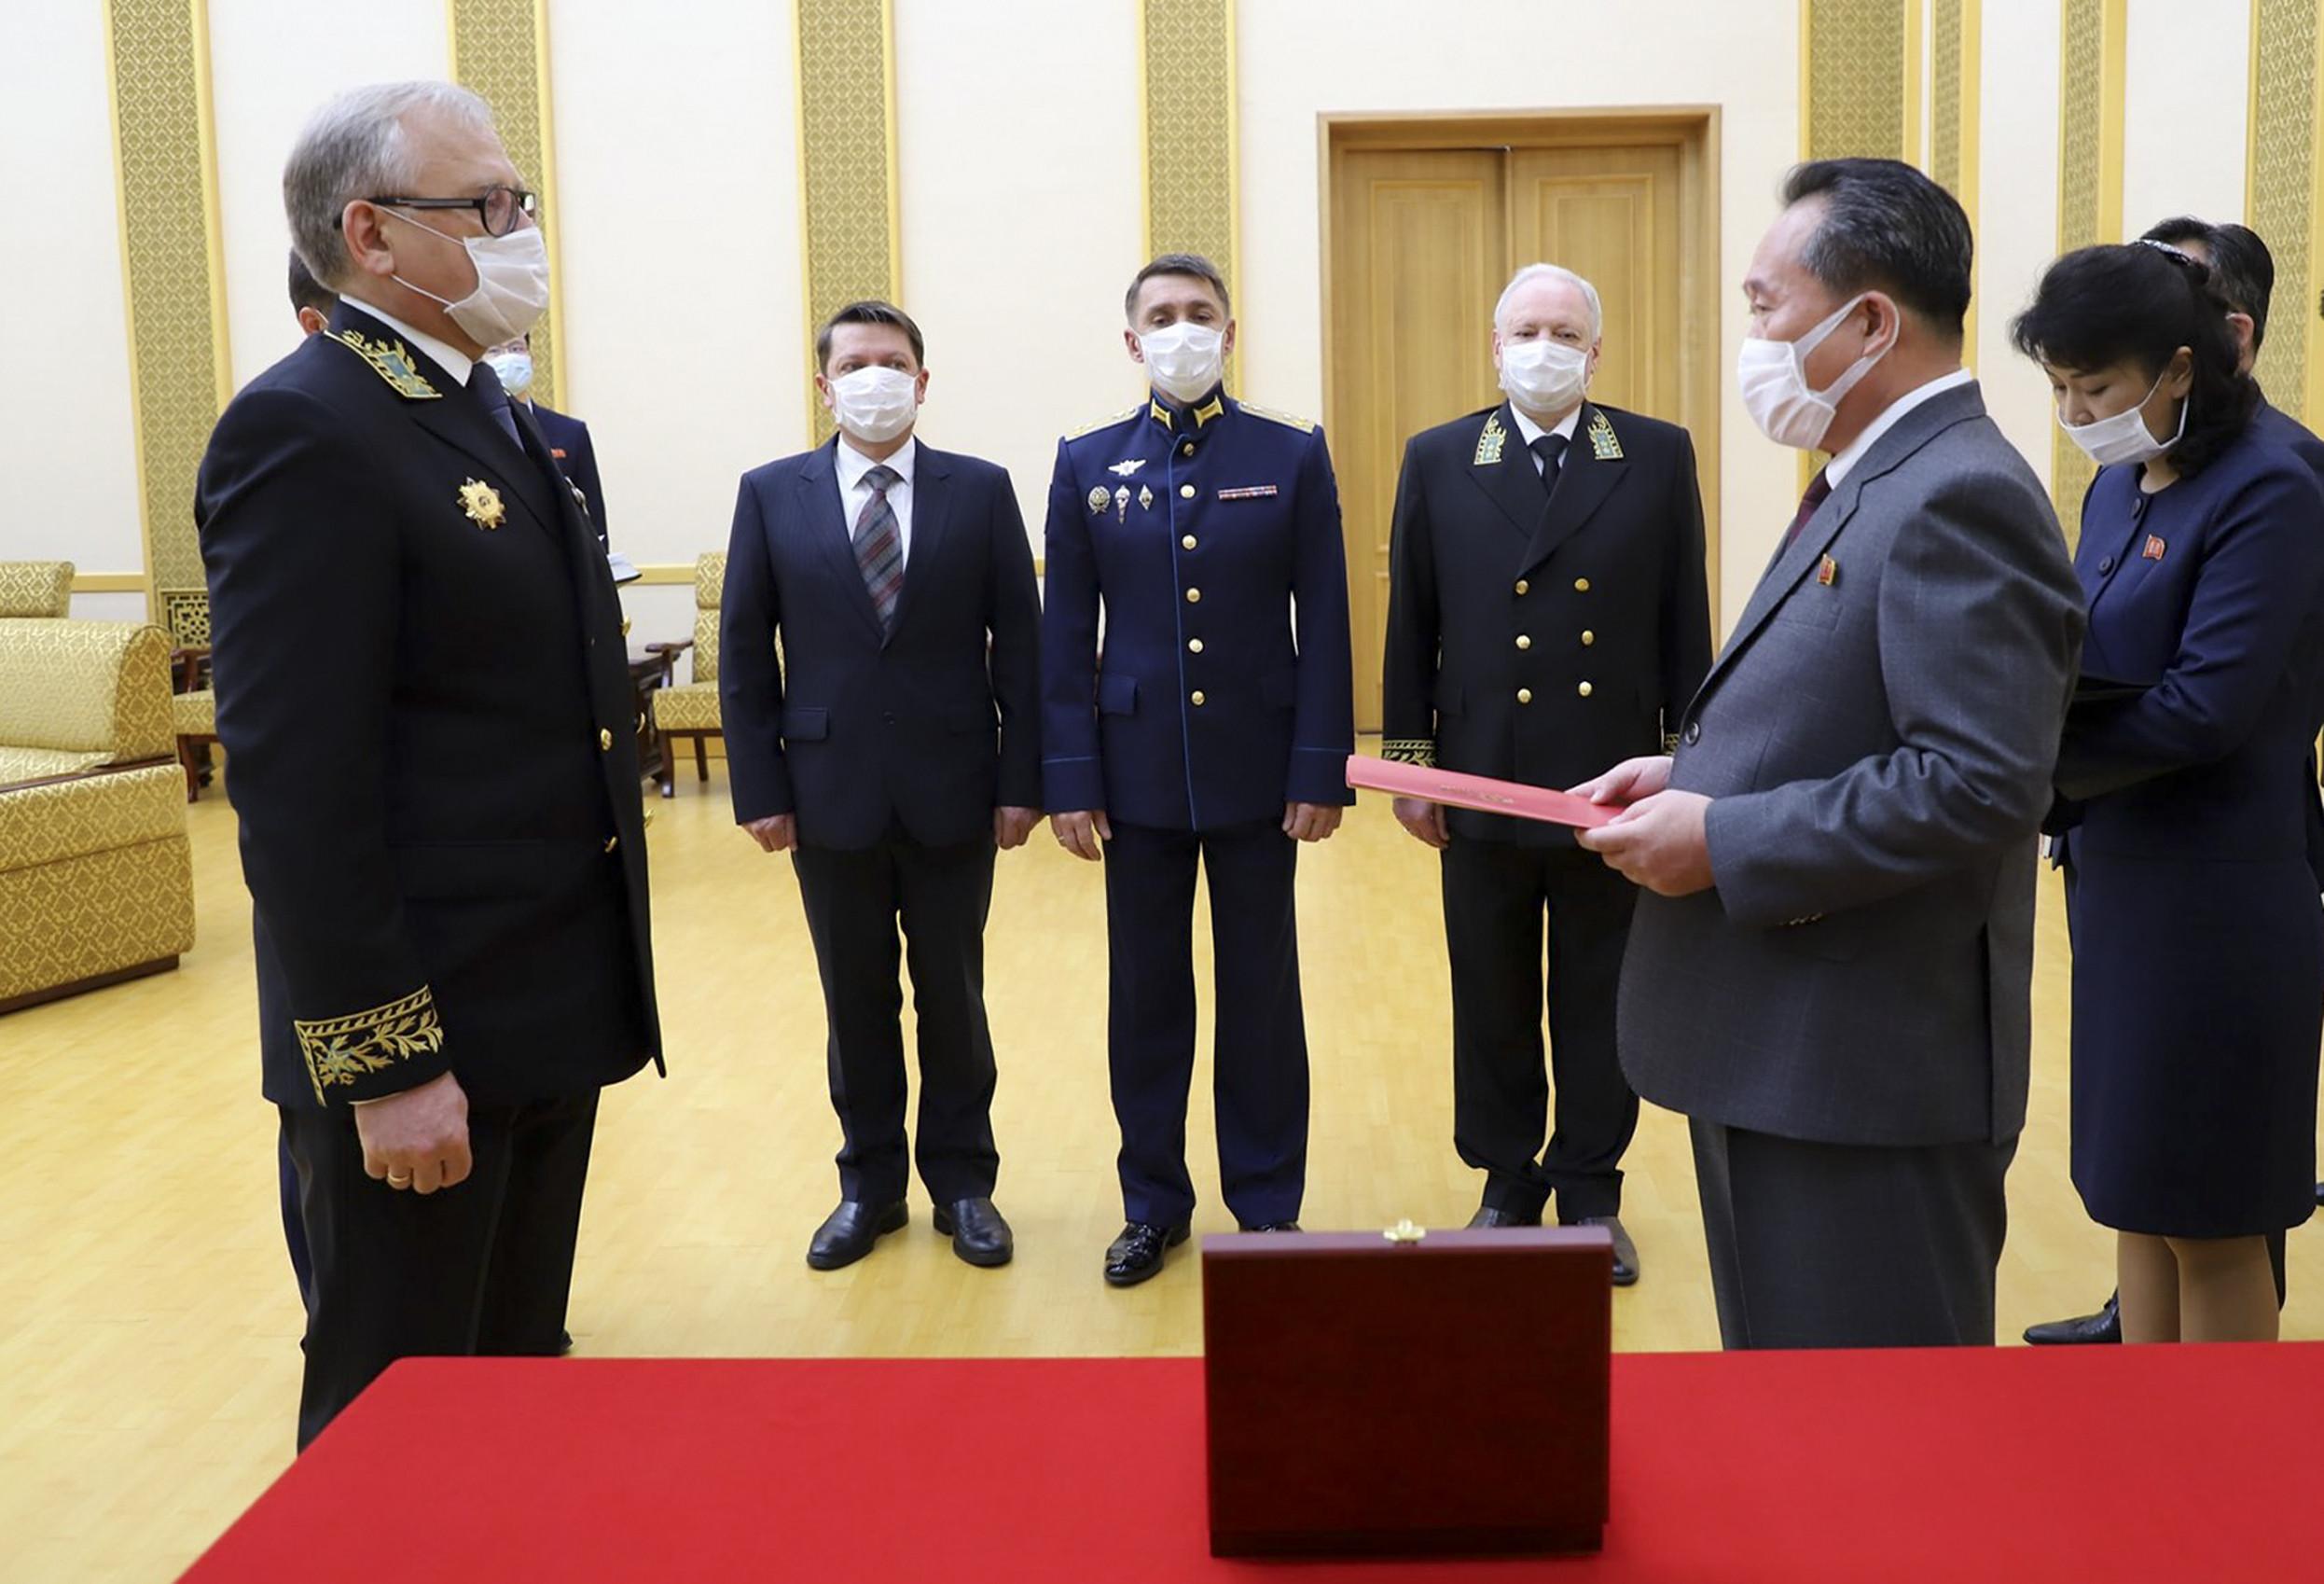 ▲▼俄羅斯駐北韓大使馬歇各羅(左)頒授二戰勳章。(圖/達志影像/美聯社)